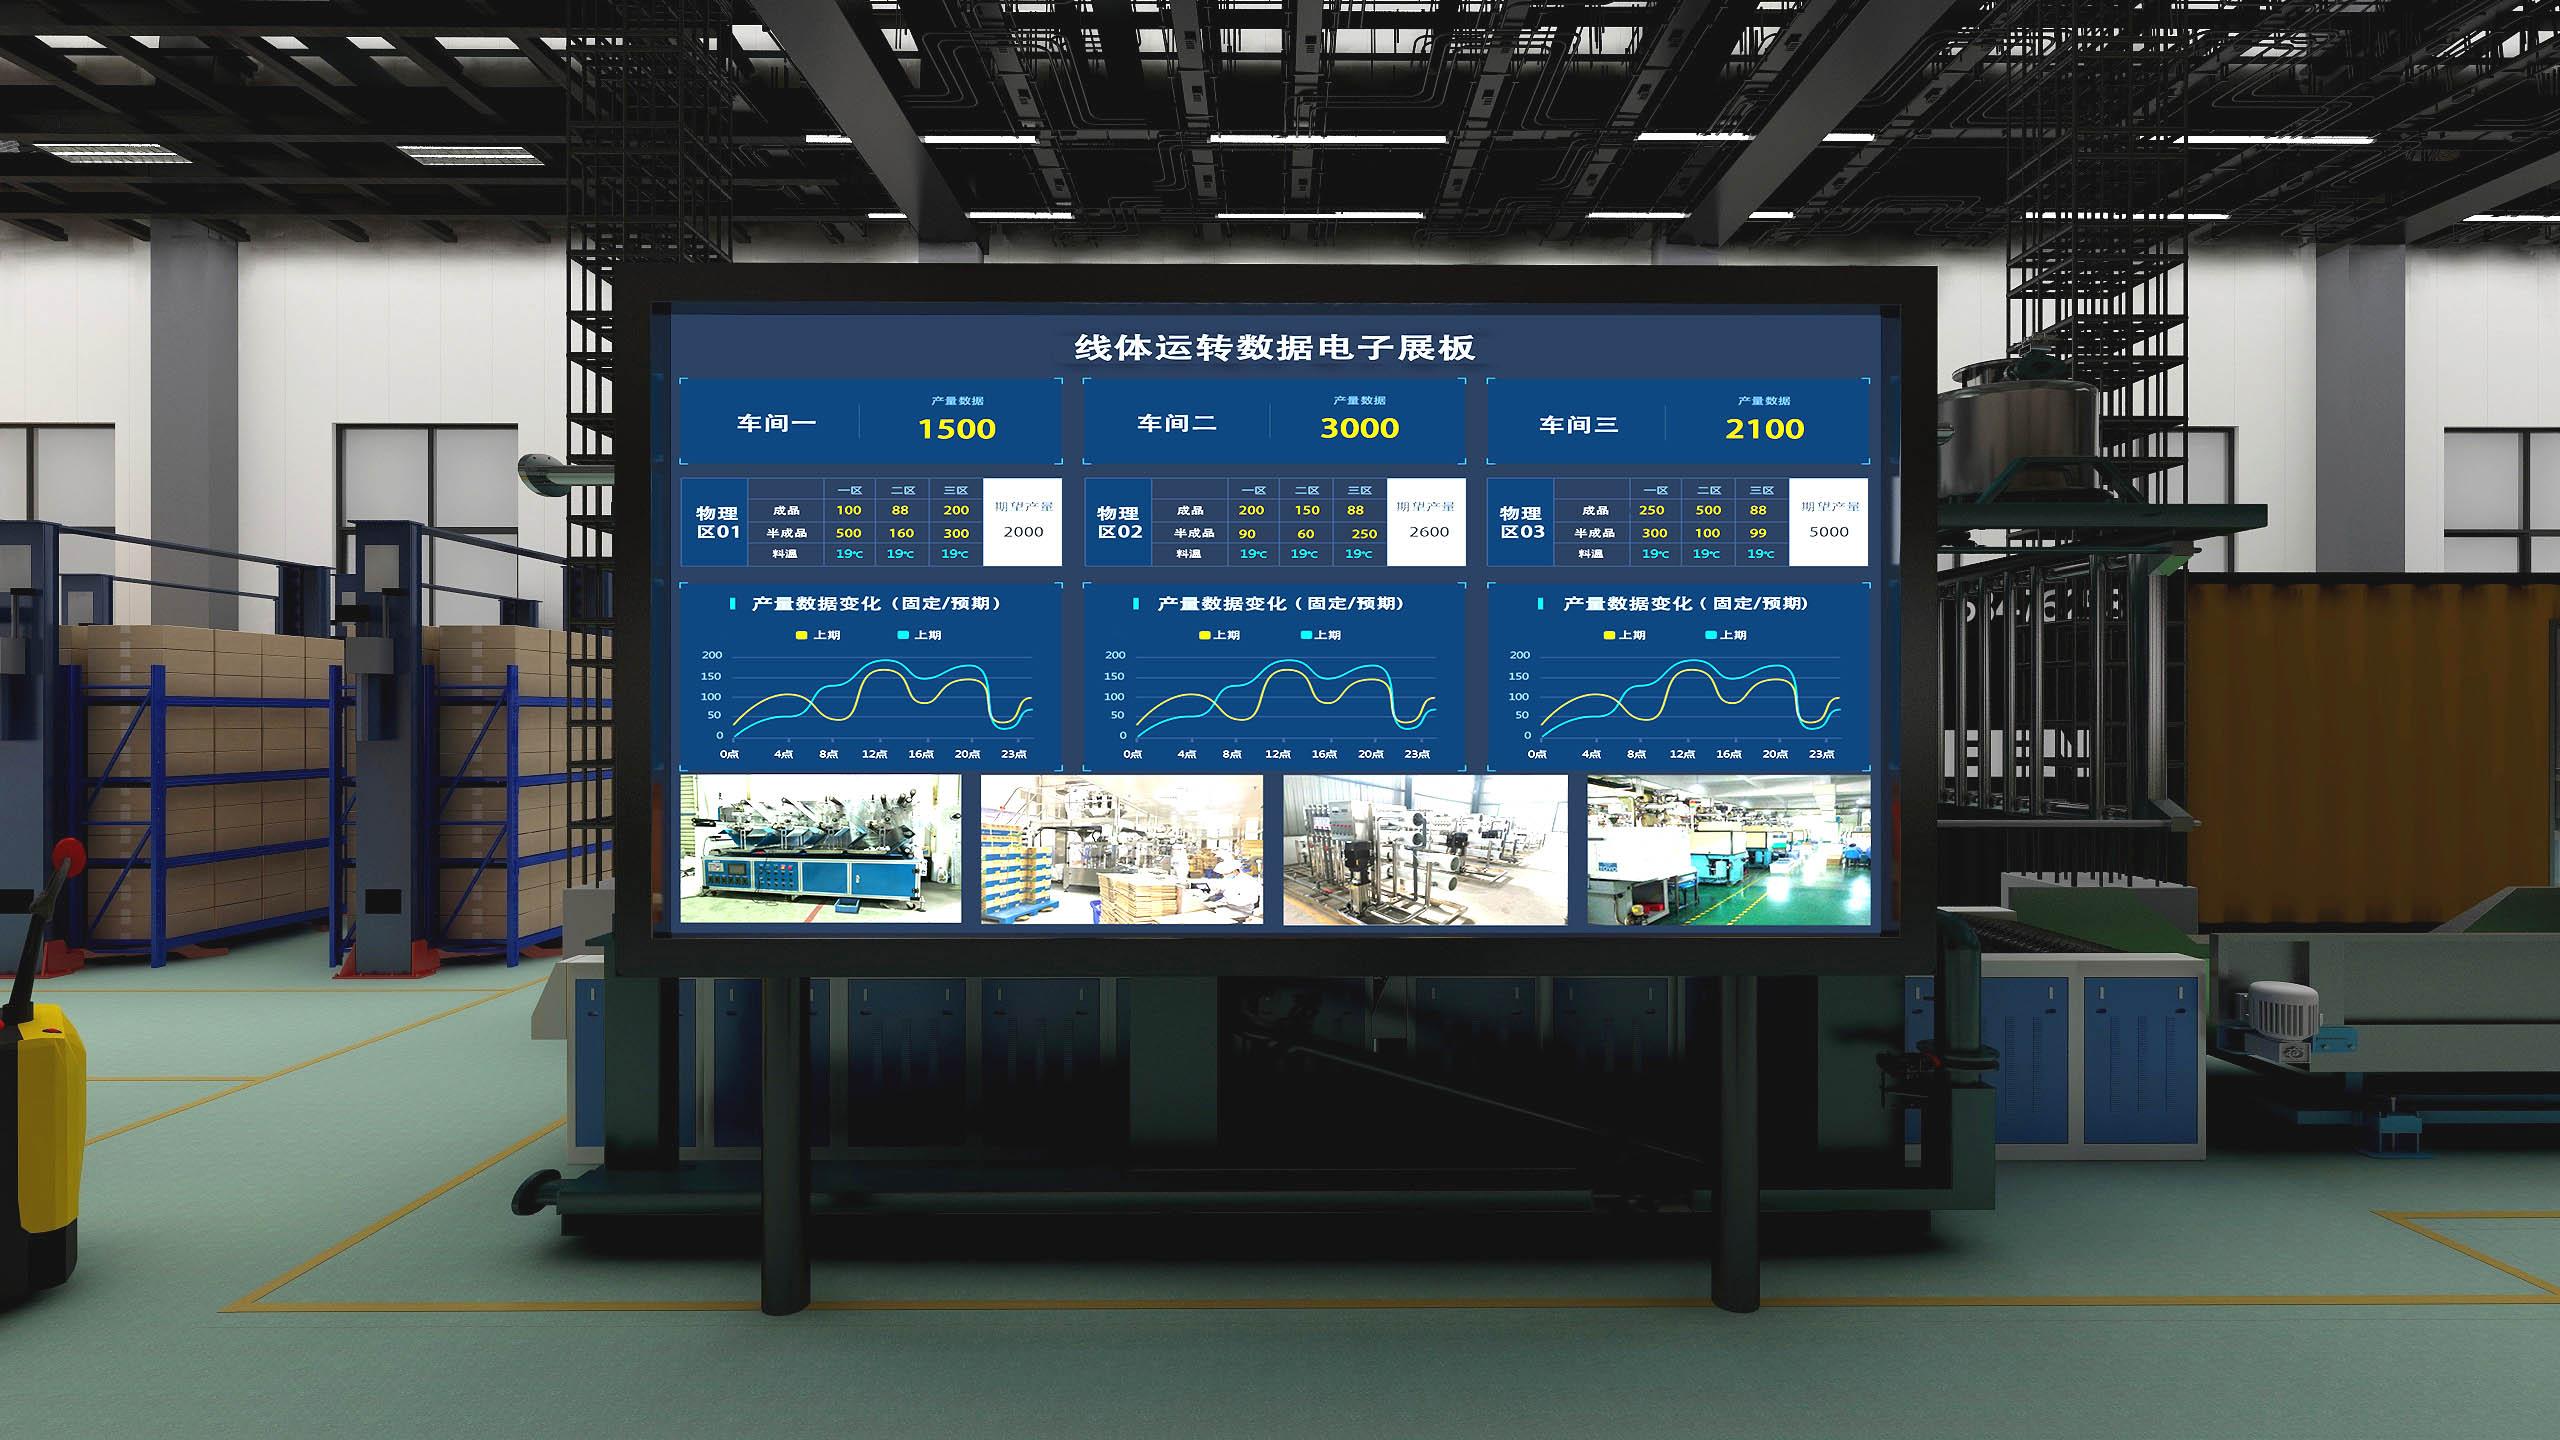 某大型集团公司智慧工厂(LED电子展板)项目案例